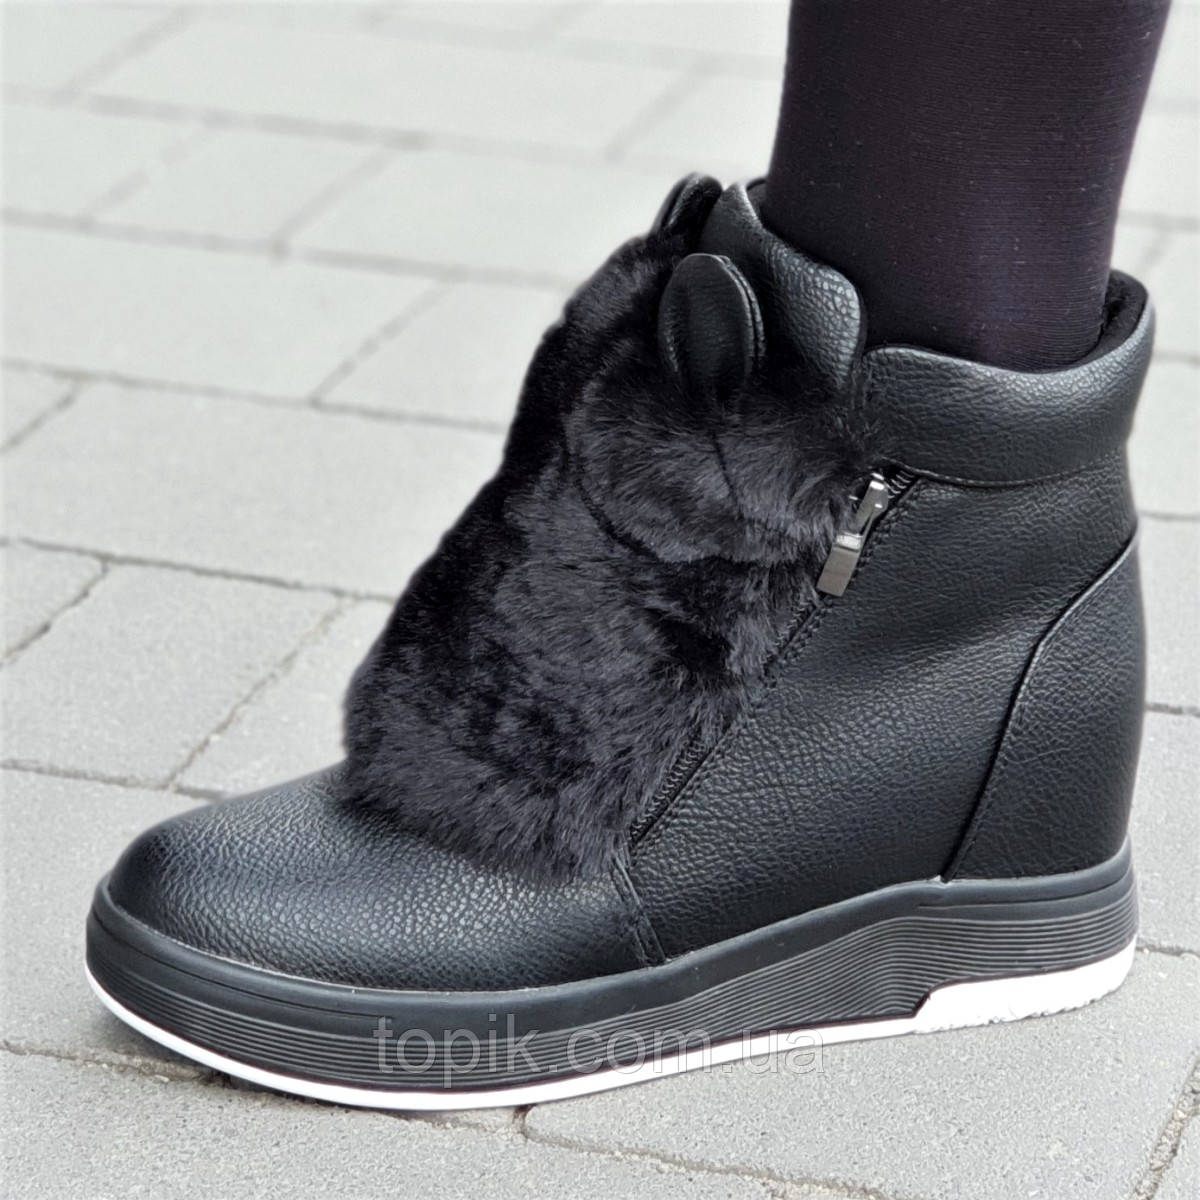 b81445bd Женские зимние ботинки на танкетке с ушками черные удобная колодка стильные  на мягкой подошве (Код: 1315)